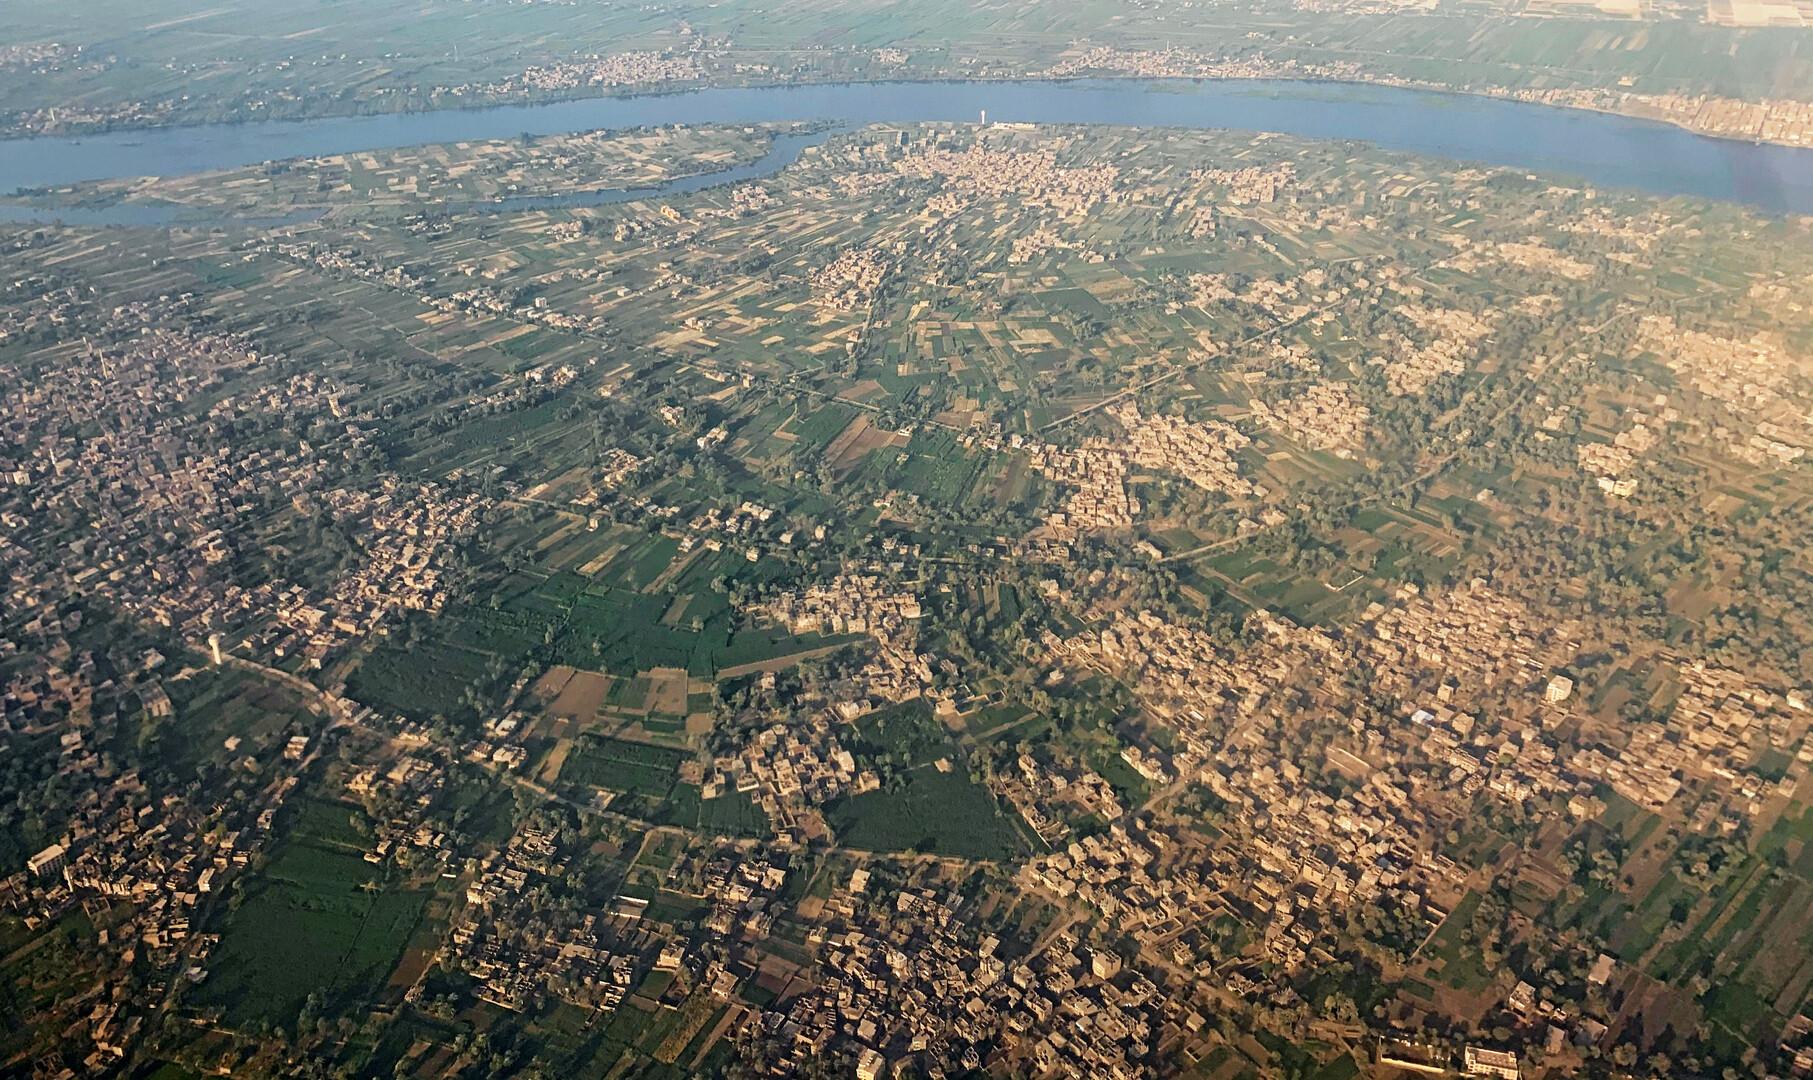 وزير الري المصري: دلتا النيل يمكن أن تتعرض للغرق